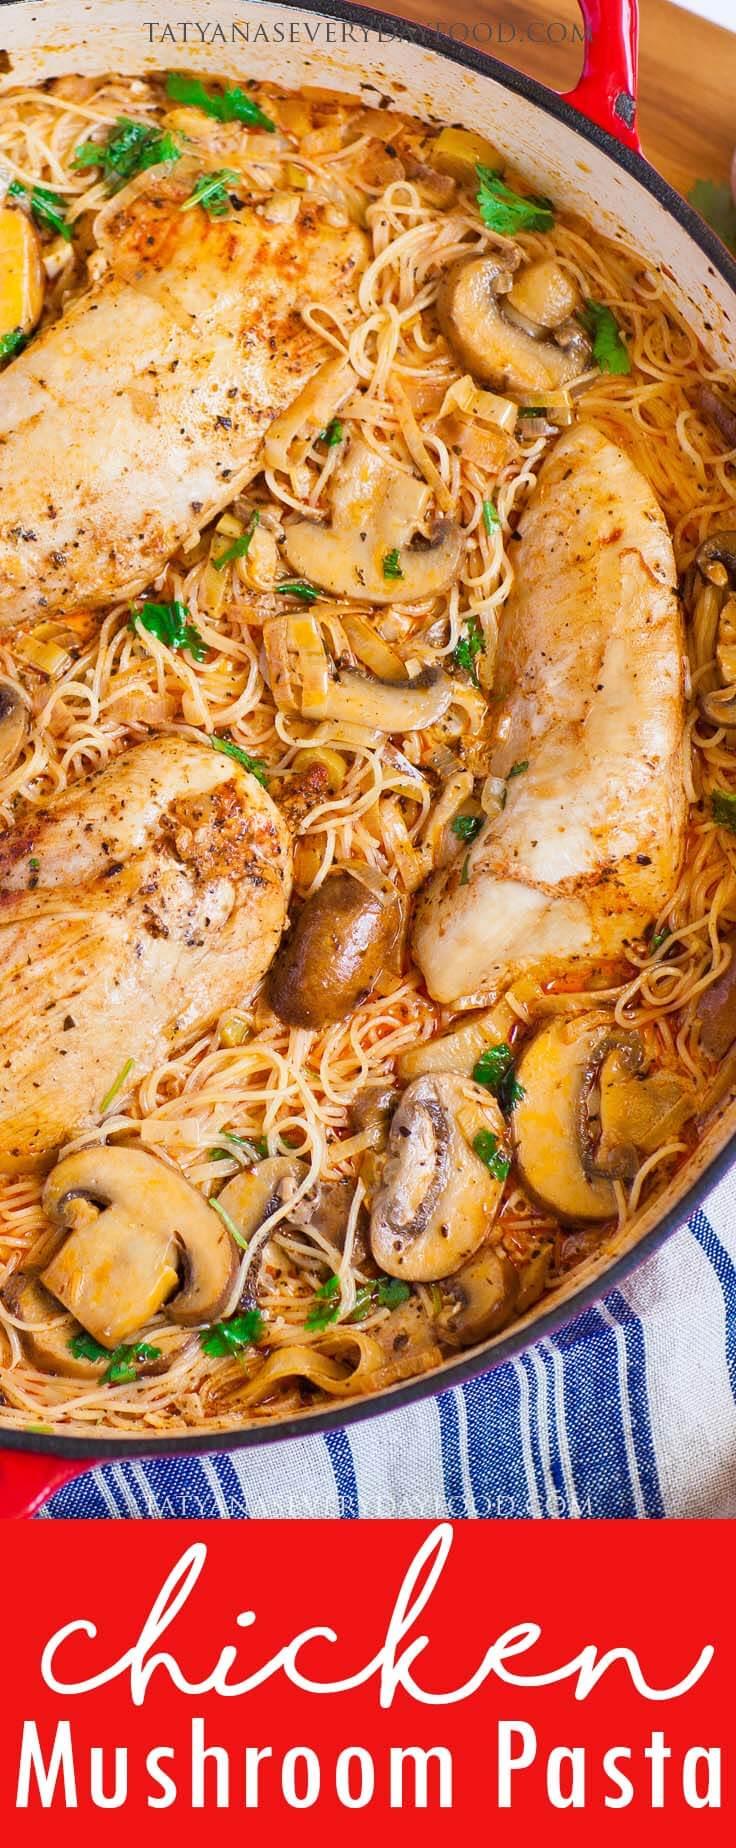 Chicken Mushroom Pasta video recipe